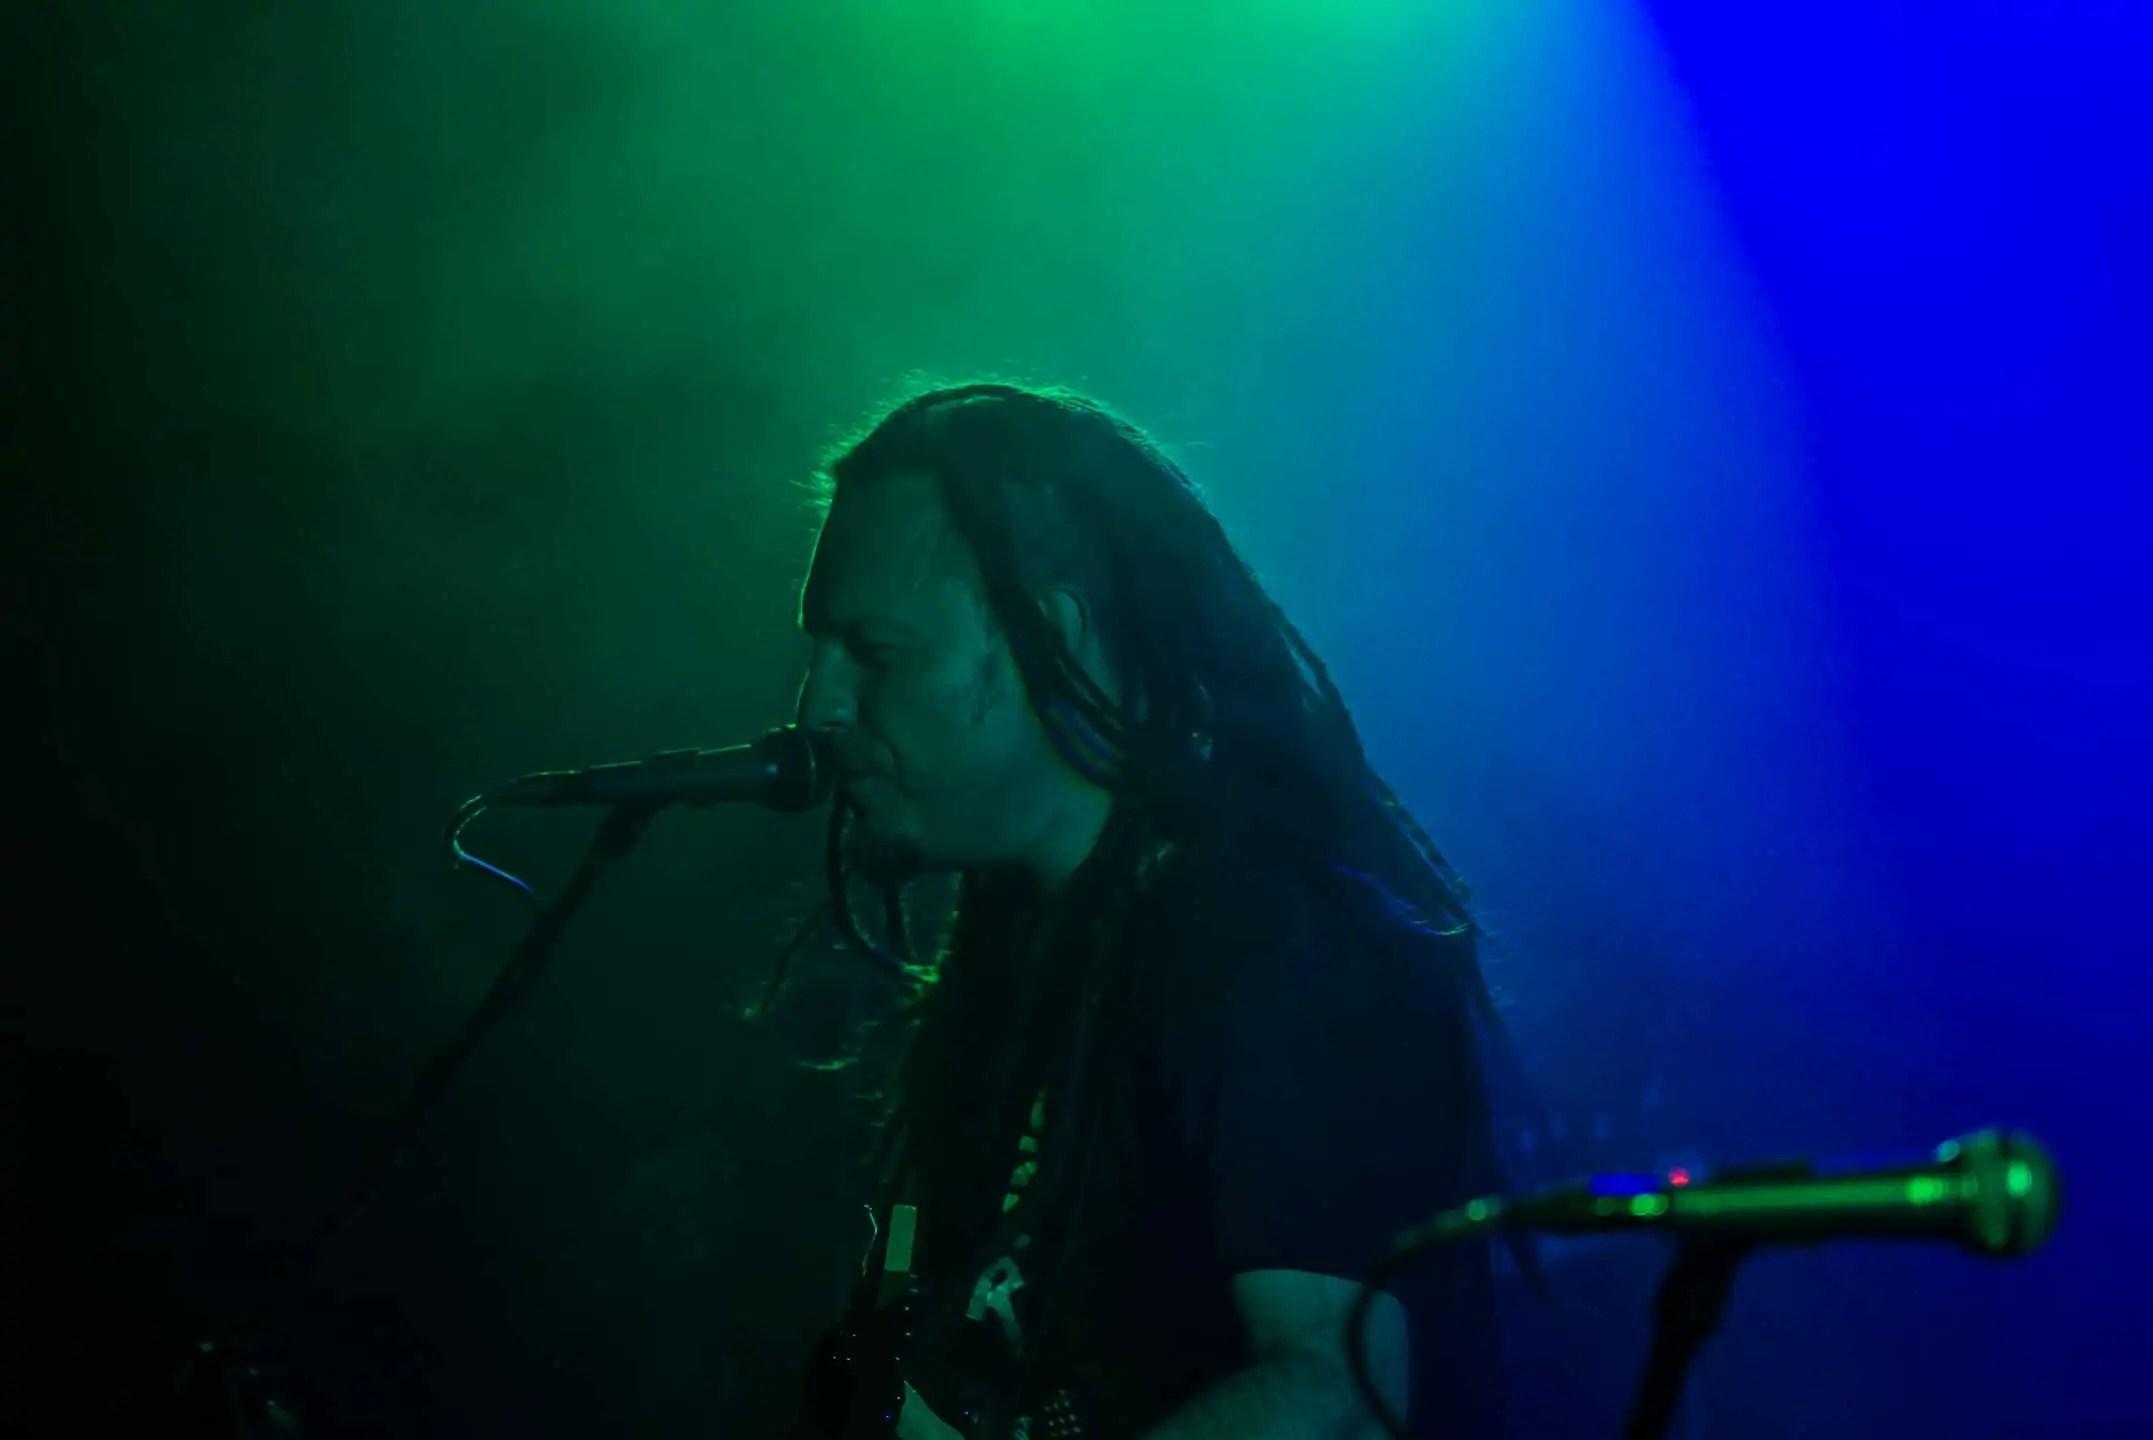 ProrockKoncertEltimaseExplozerParty2019 24 - Reportaż wydarzeń, koncerty